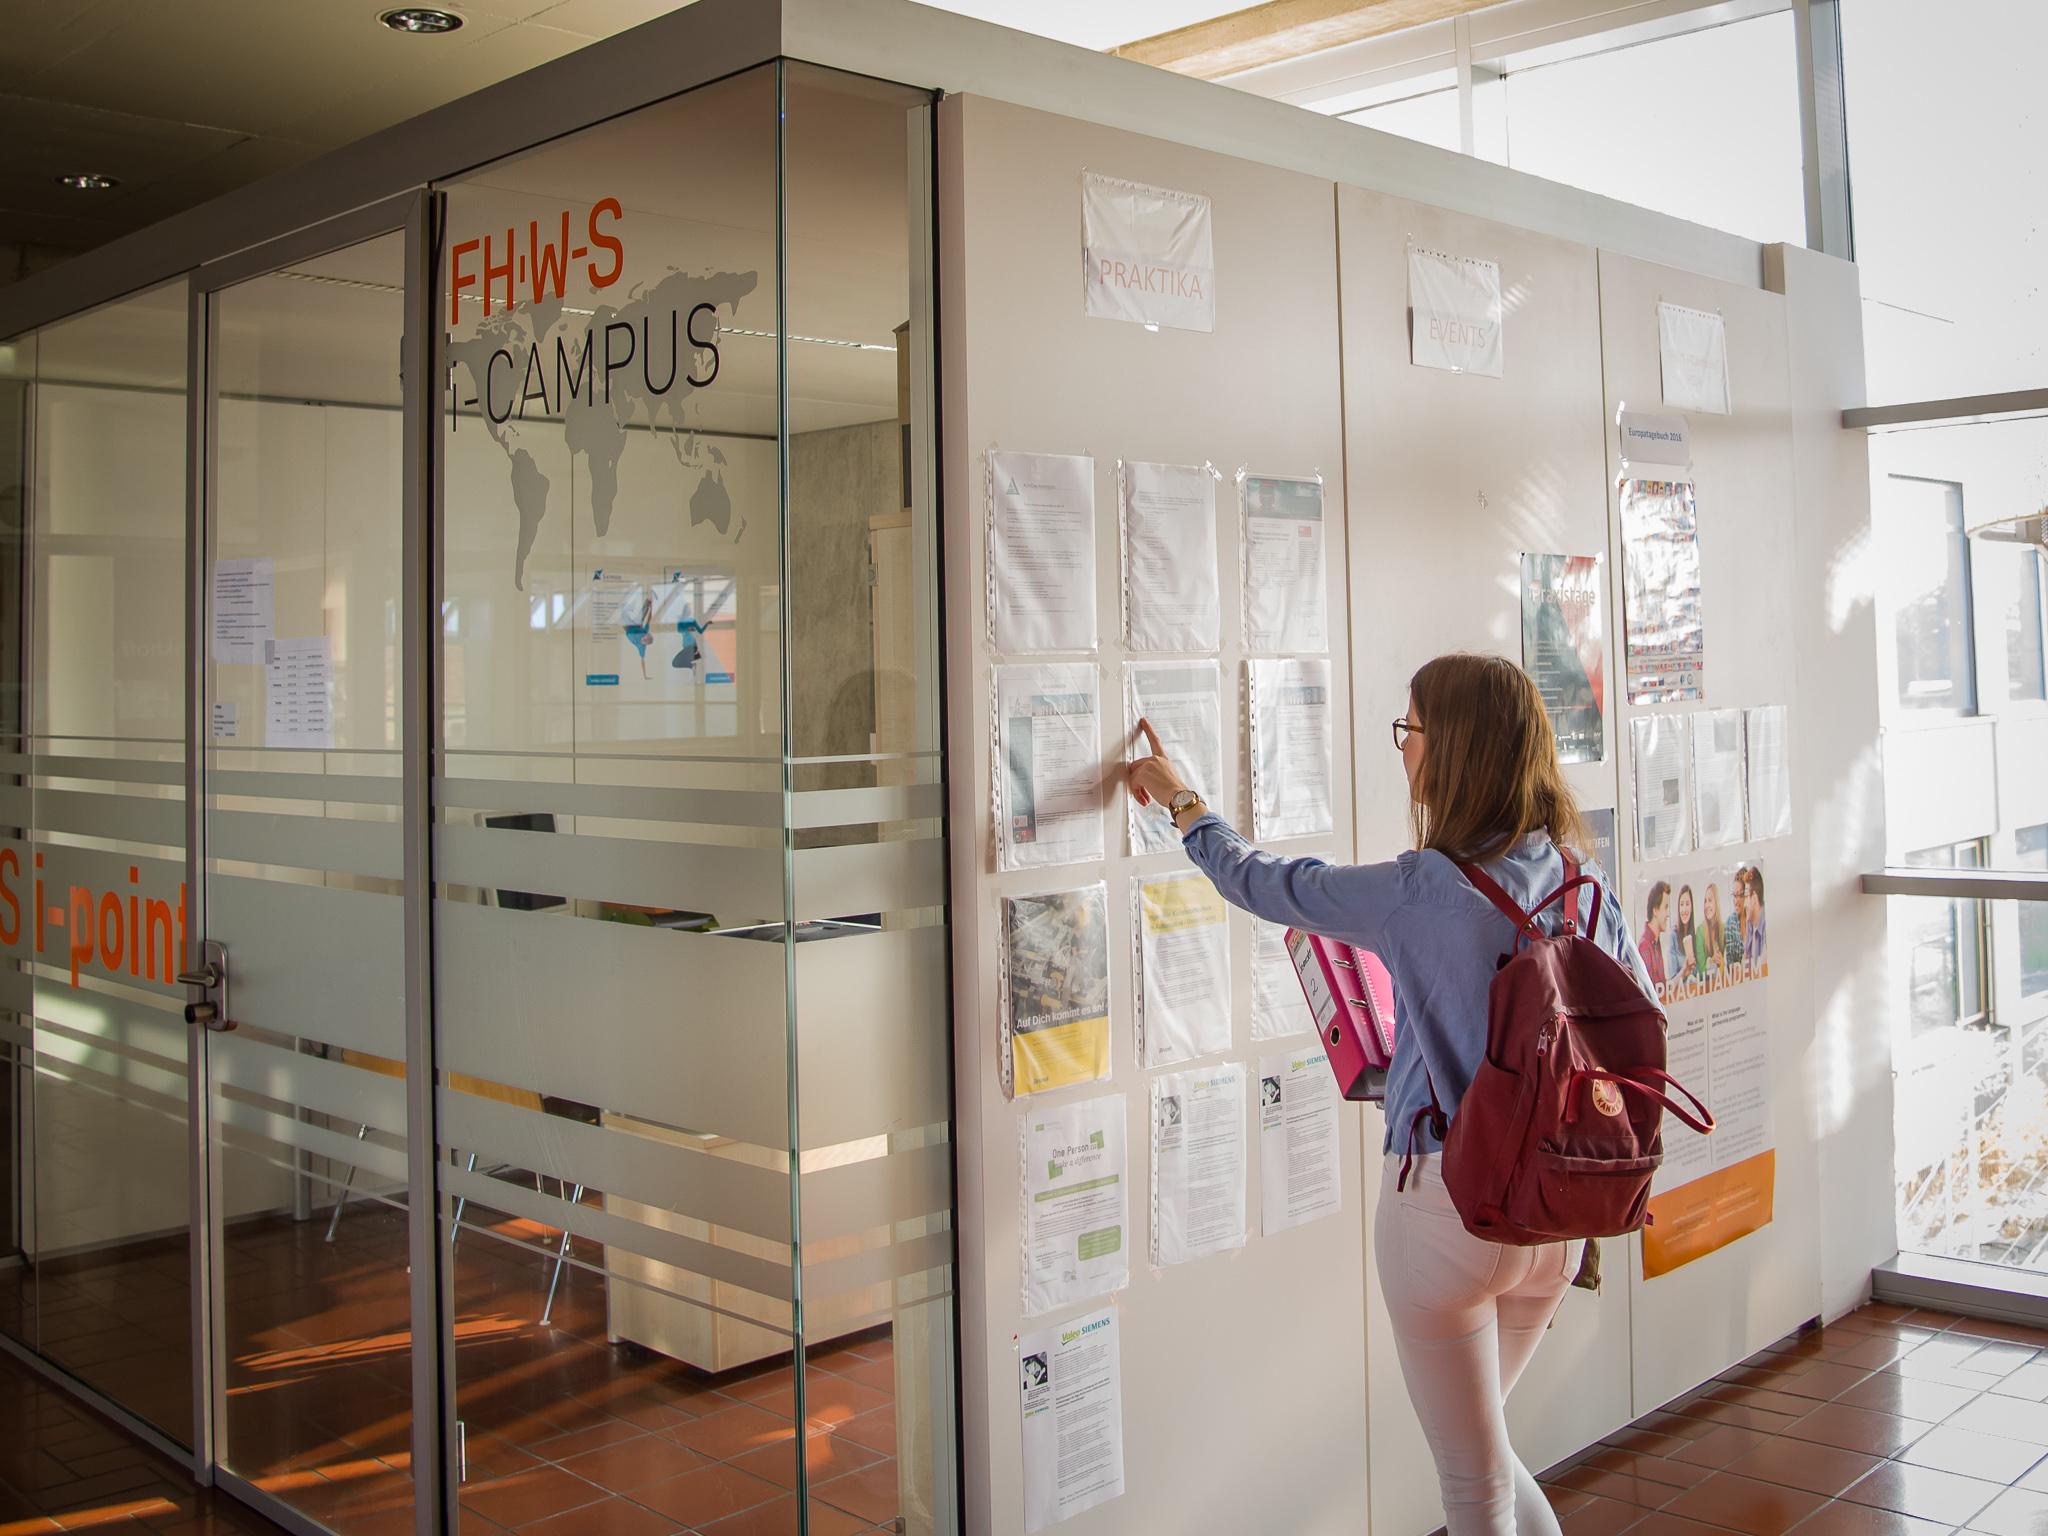 Moderne Räumlichkeiten des FHWS machen das Studieren angenehm. Foto: Pascal Höfig